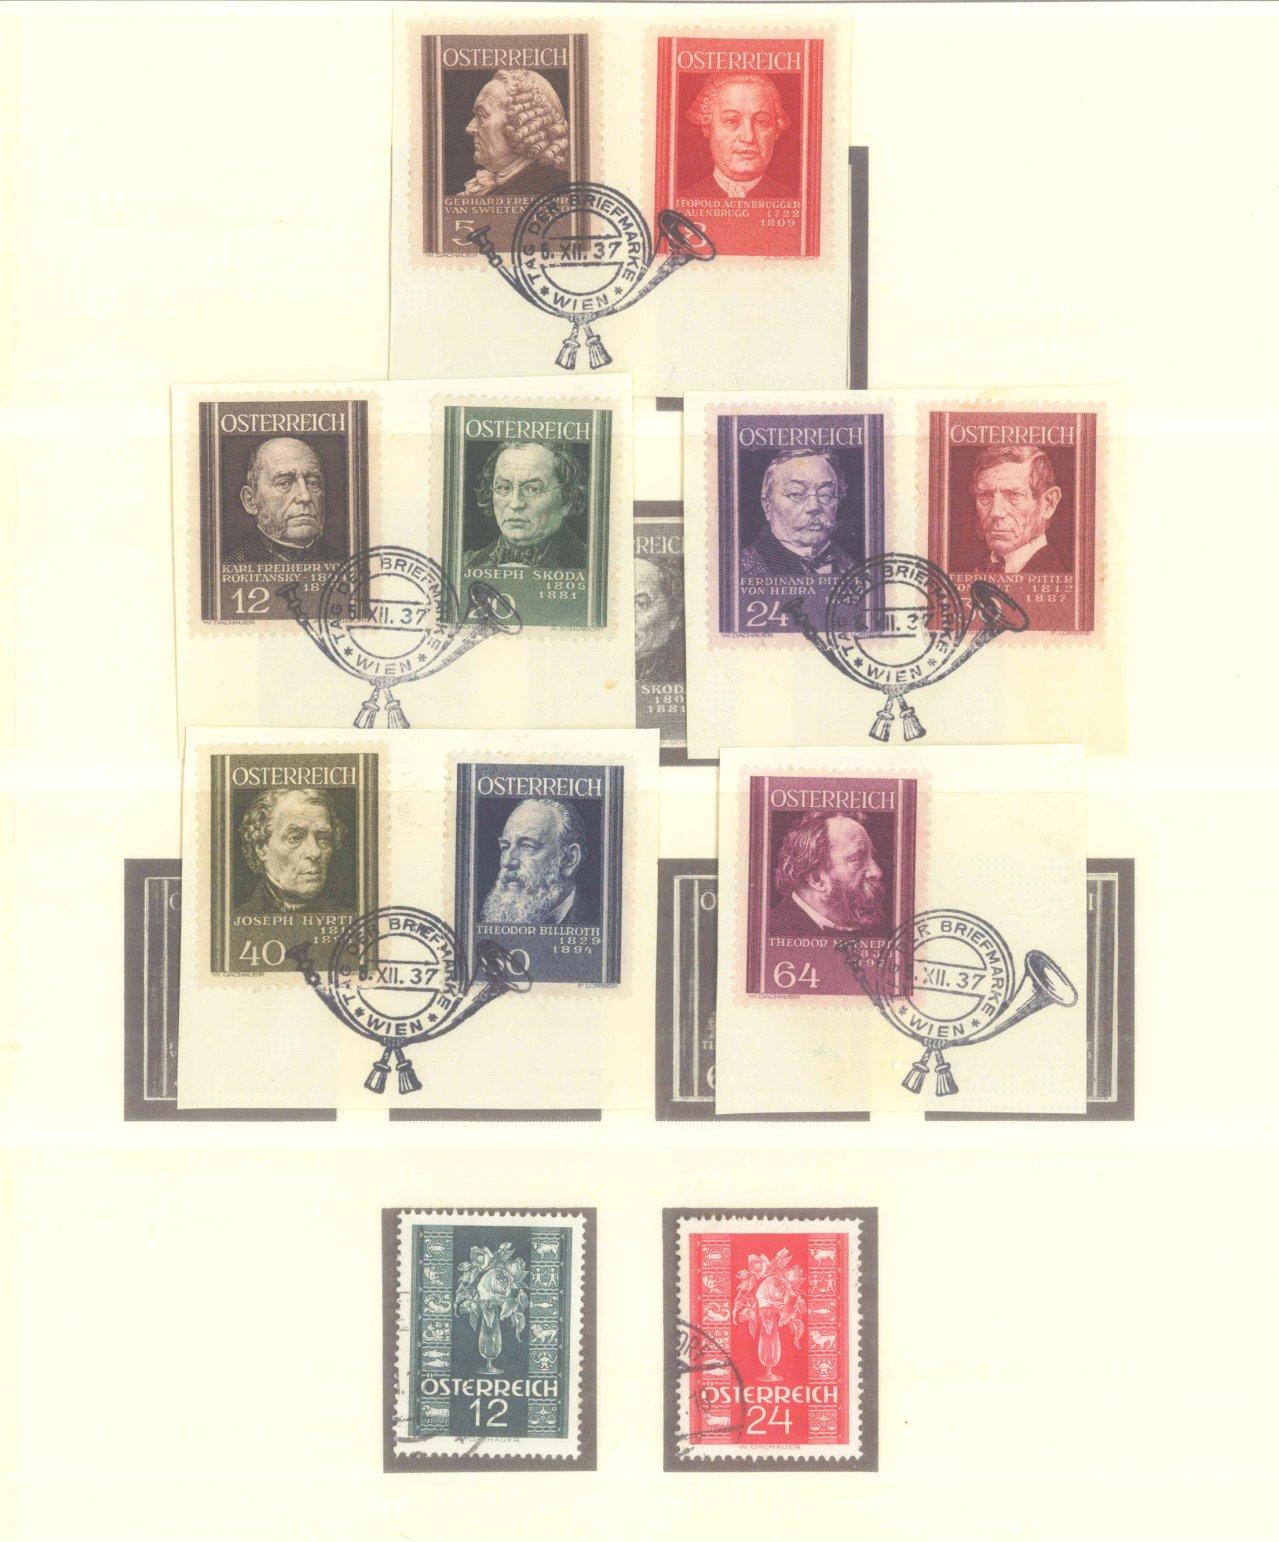 ÖSTERREICH 1925-1937-8